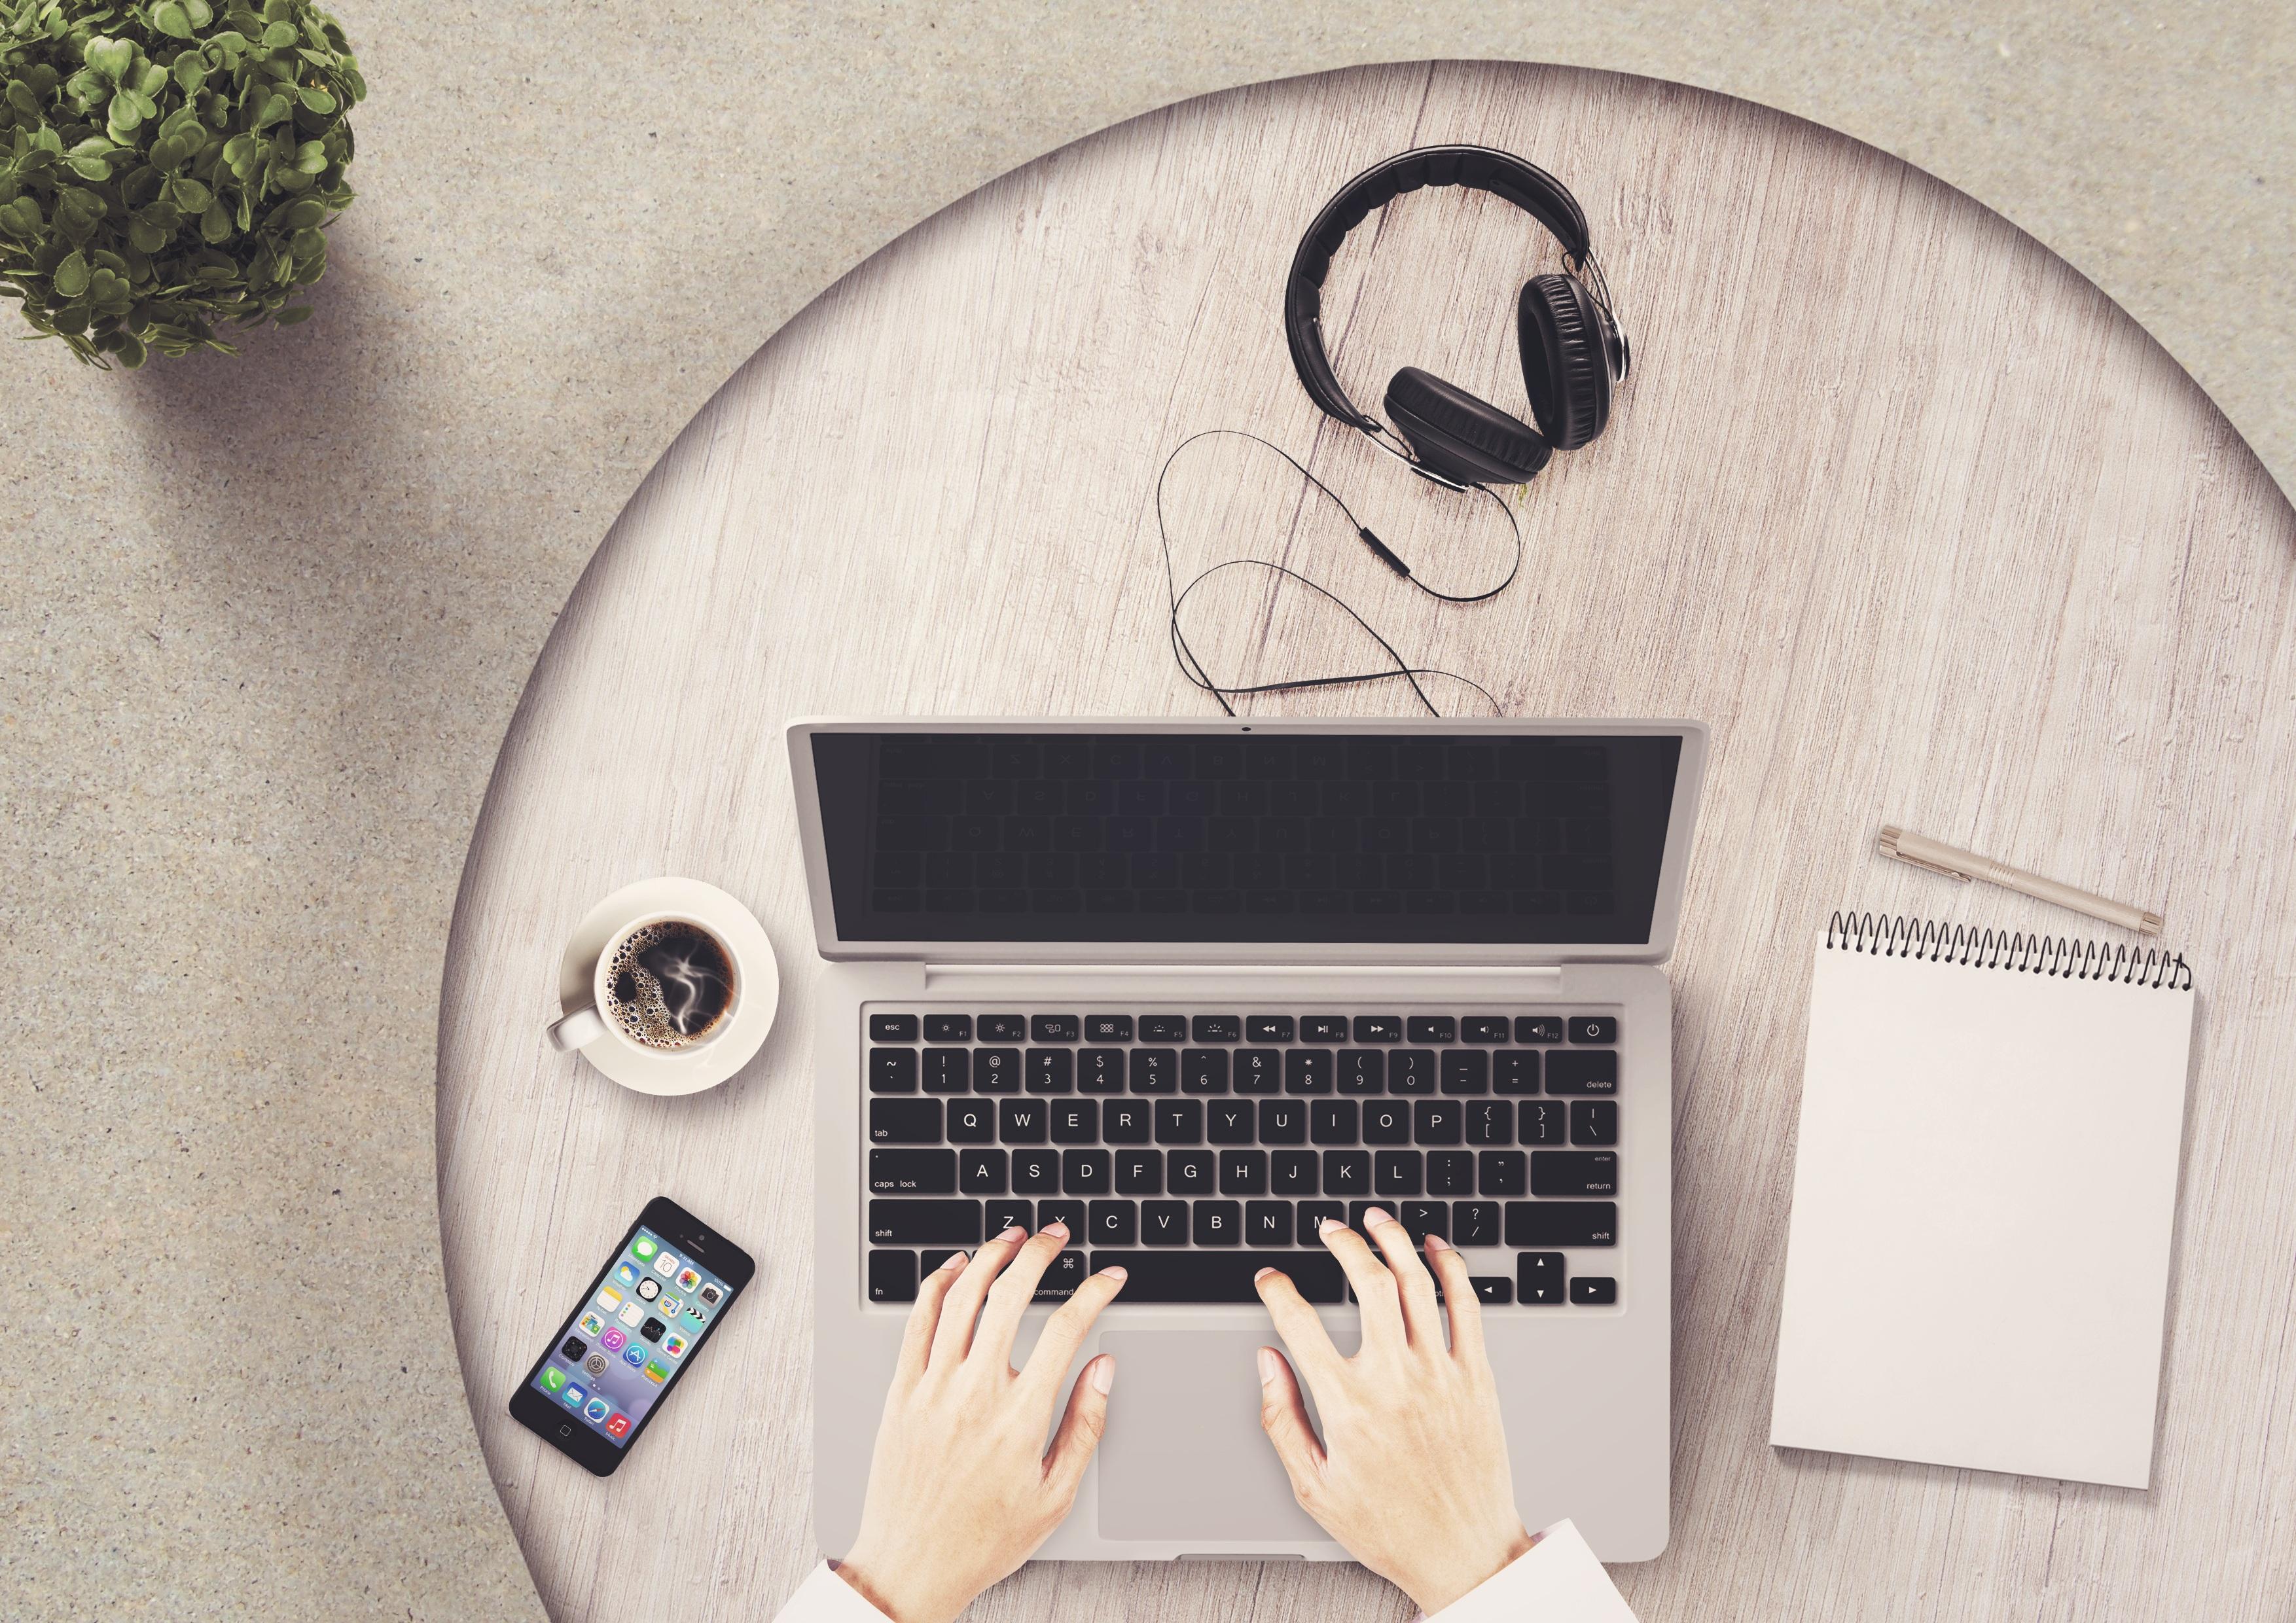 Bilder von Notebook Kopfhörer Notizblock smartphones Kaffee Hand Tasse Finger Computers Smartphone